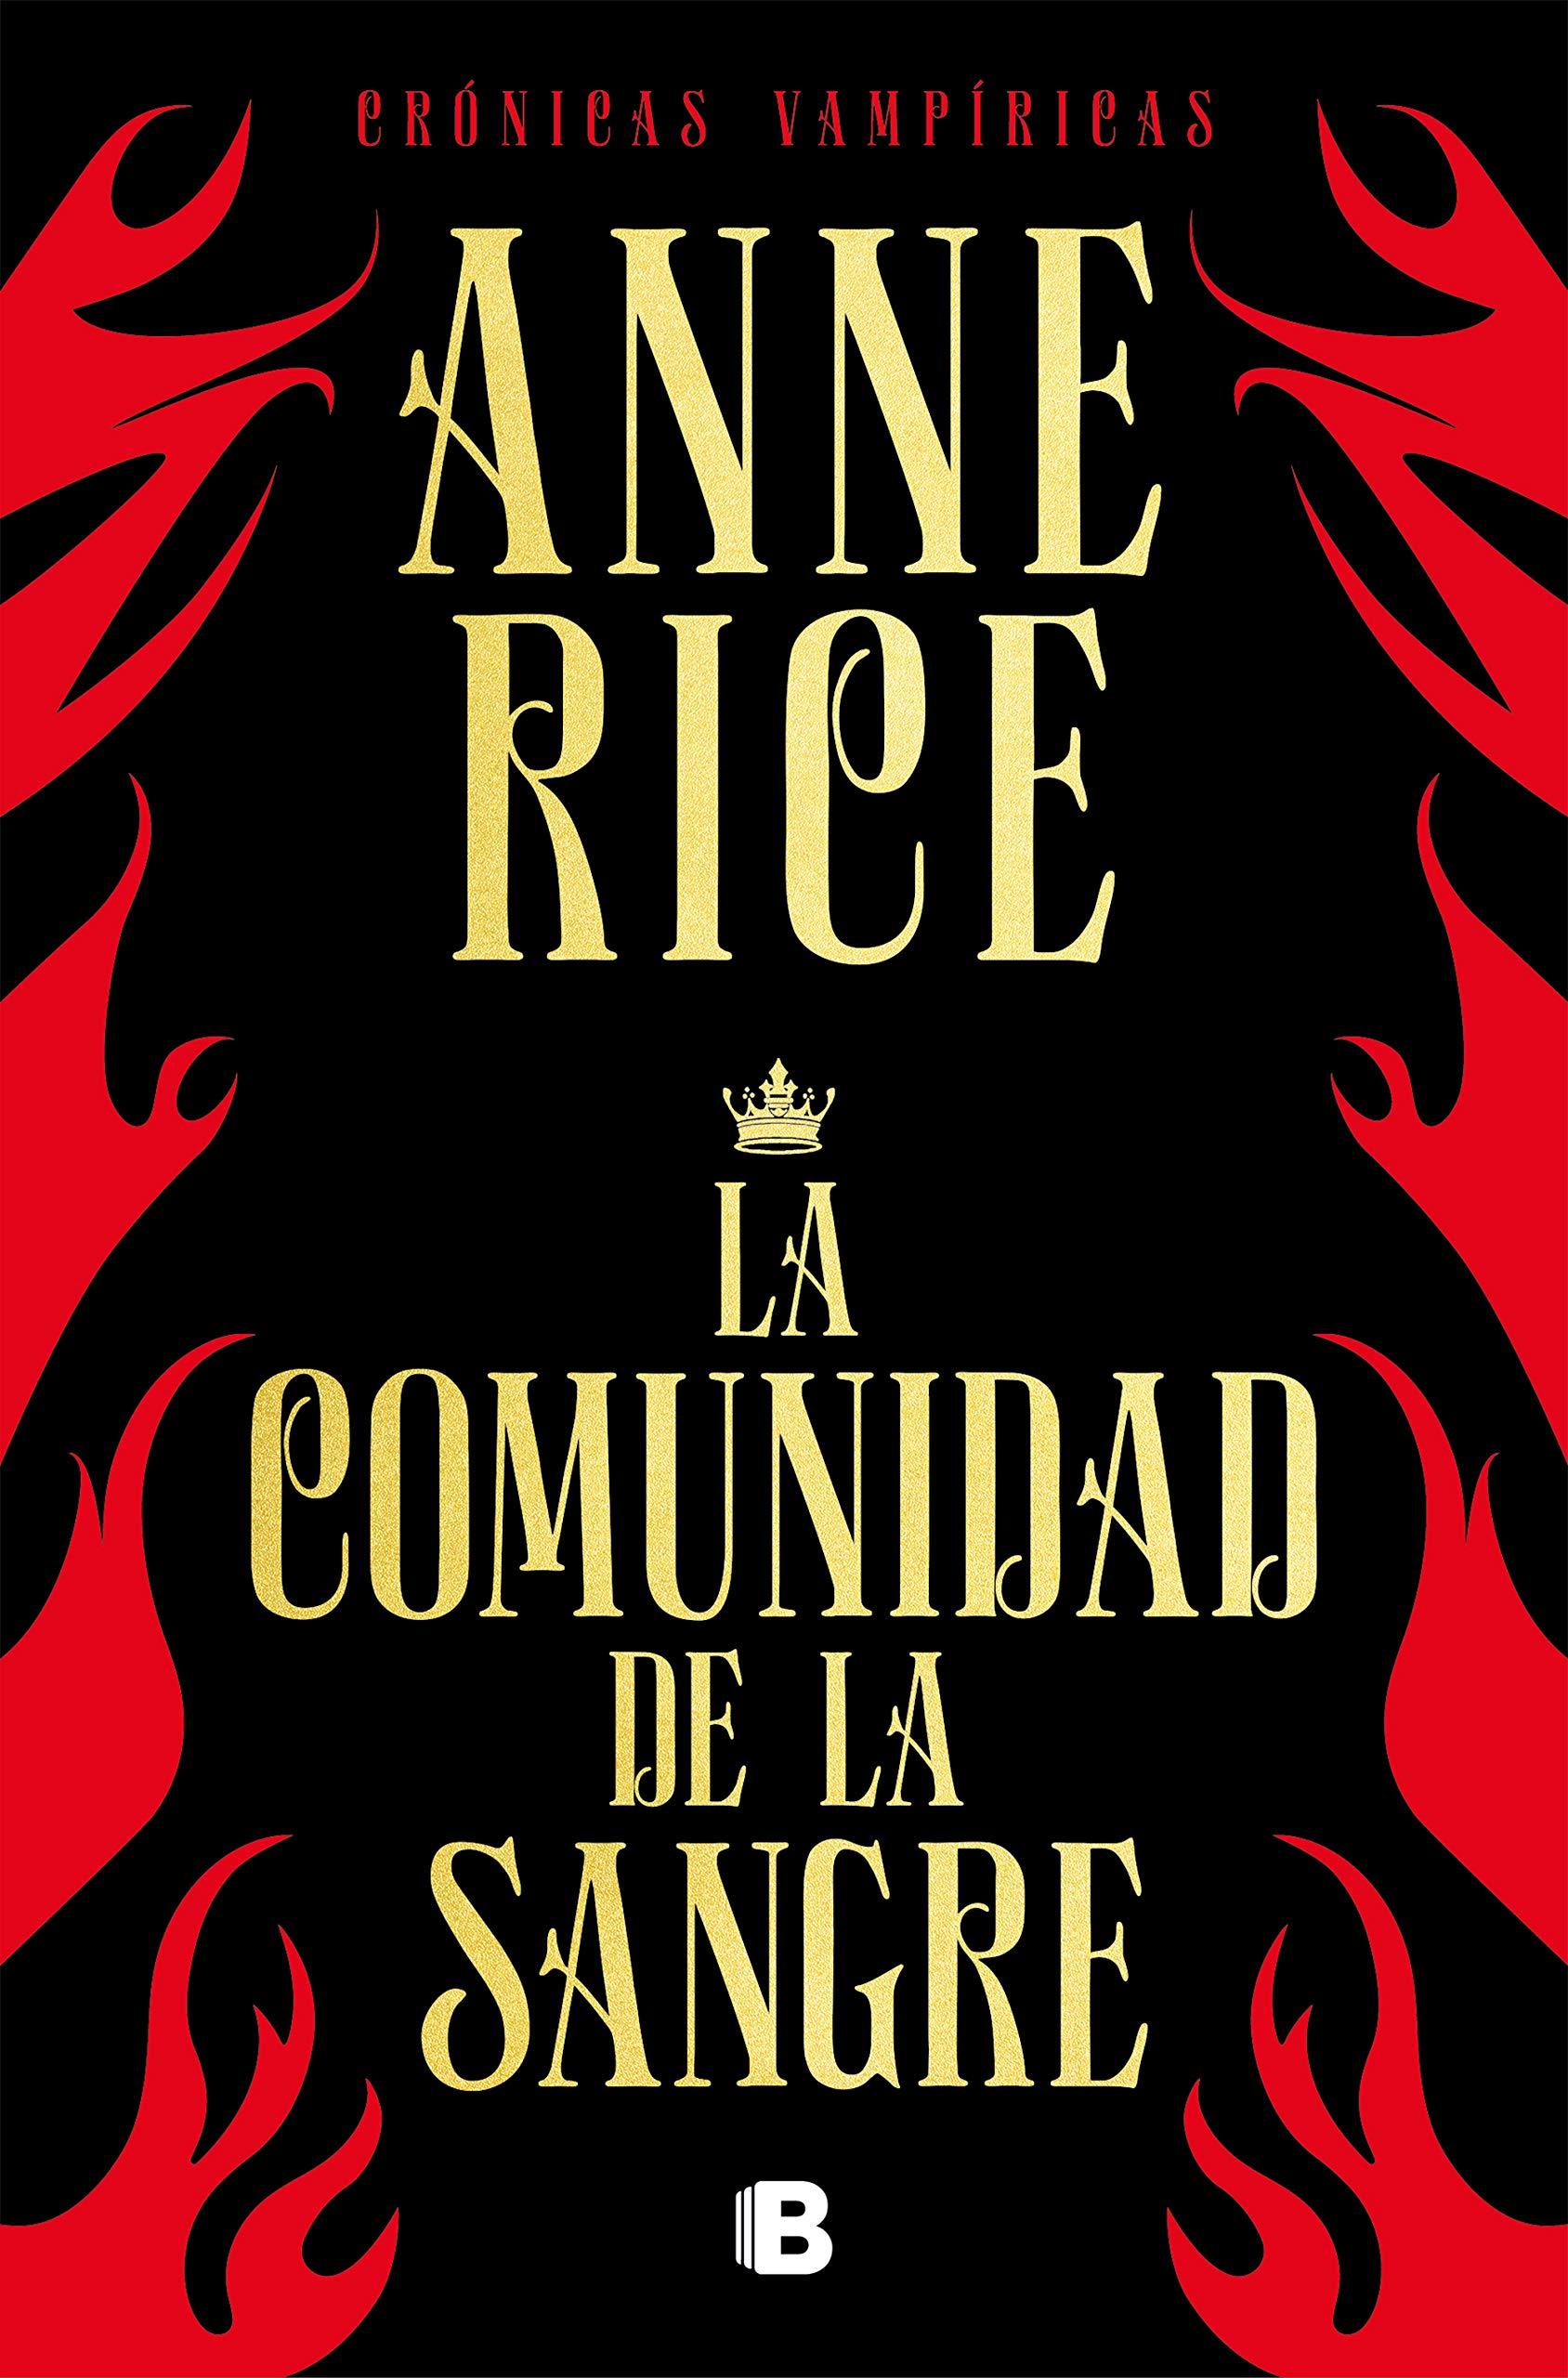 La comunidad de la sangre Crónicas Vampíricas 13 : Una historia del príncipe Lestat: Amazon.es: Rice, Anne, Manuel Manzano Gómez;: Libros